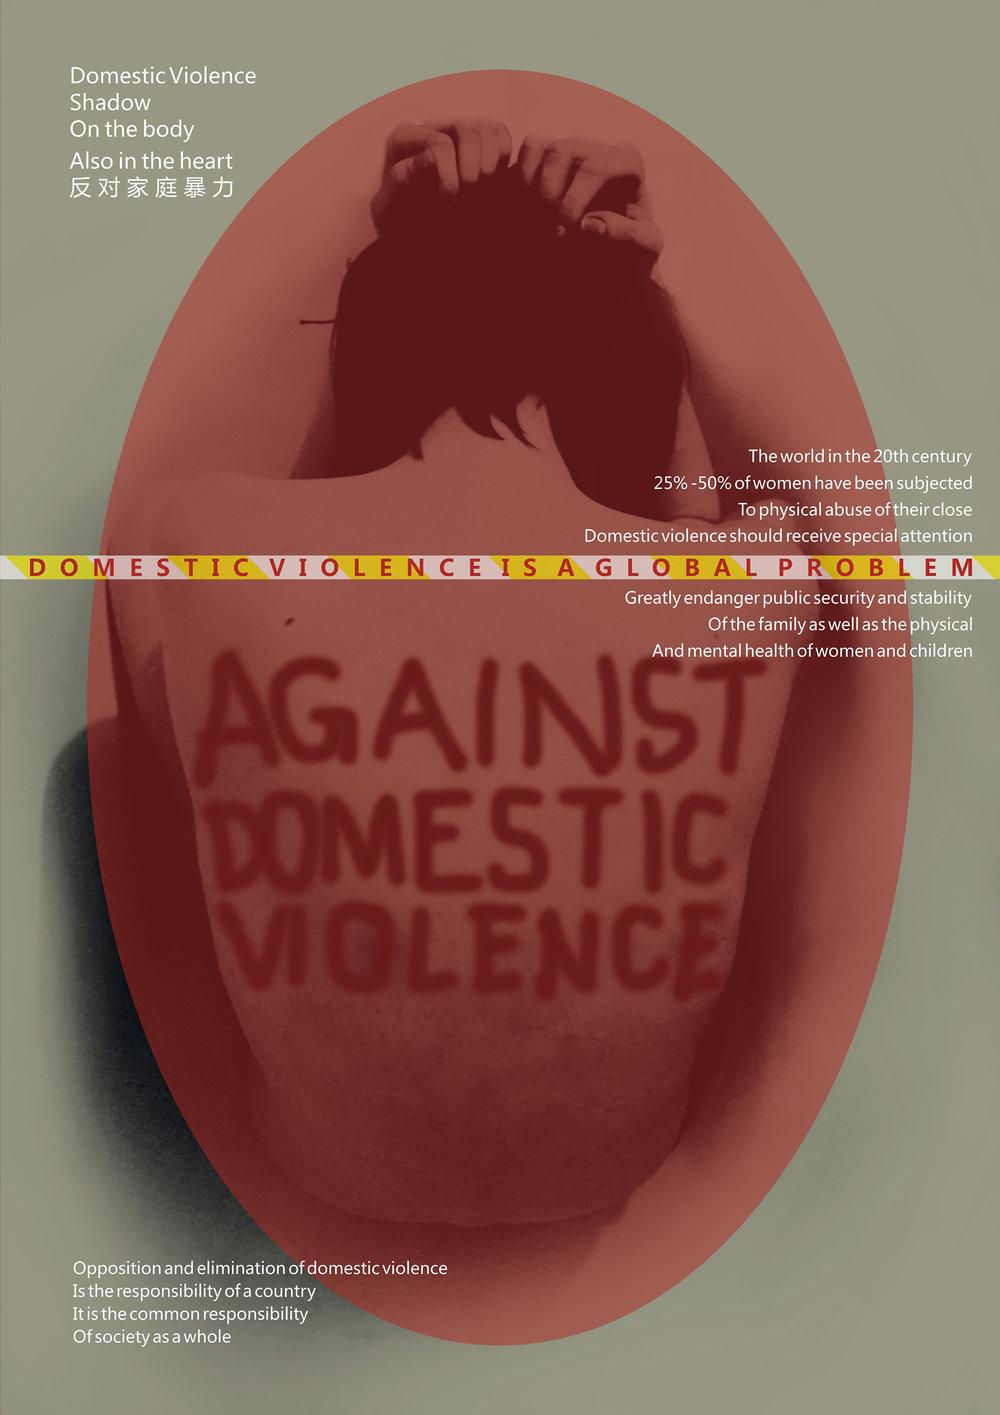 反对家庭暴力.jpg